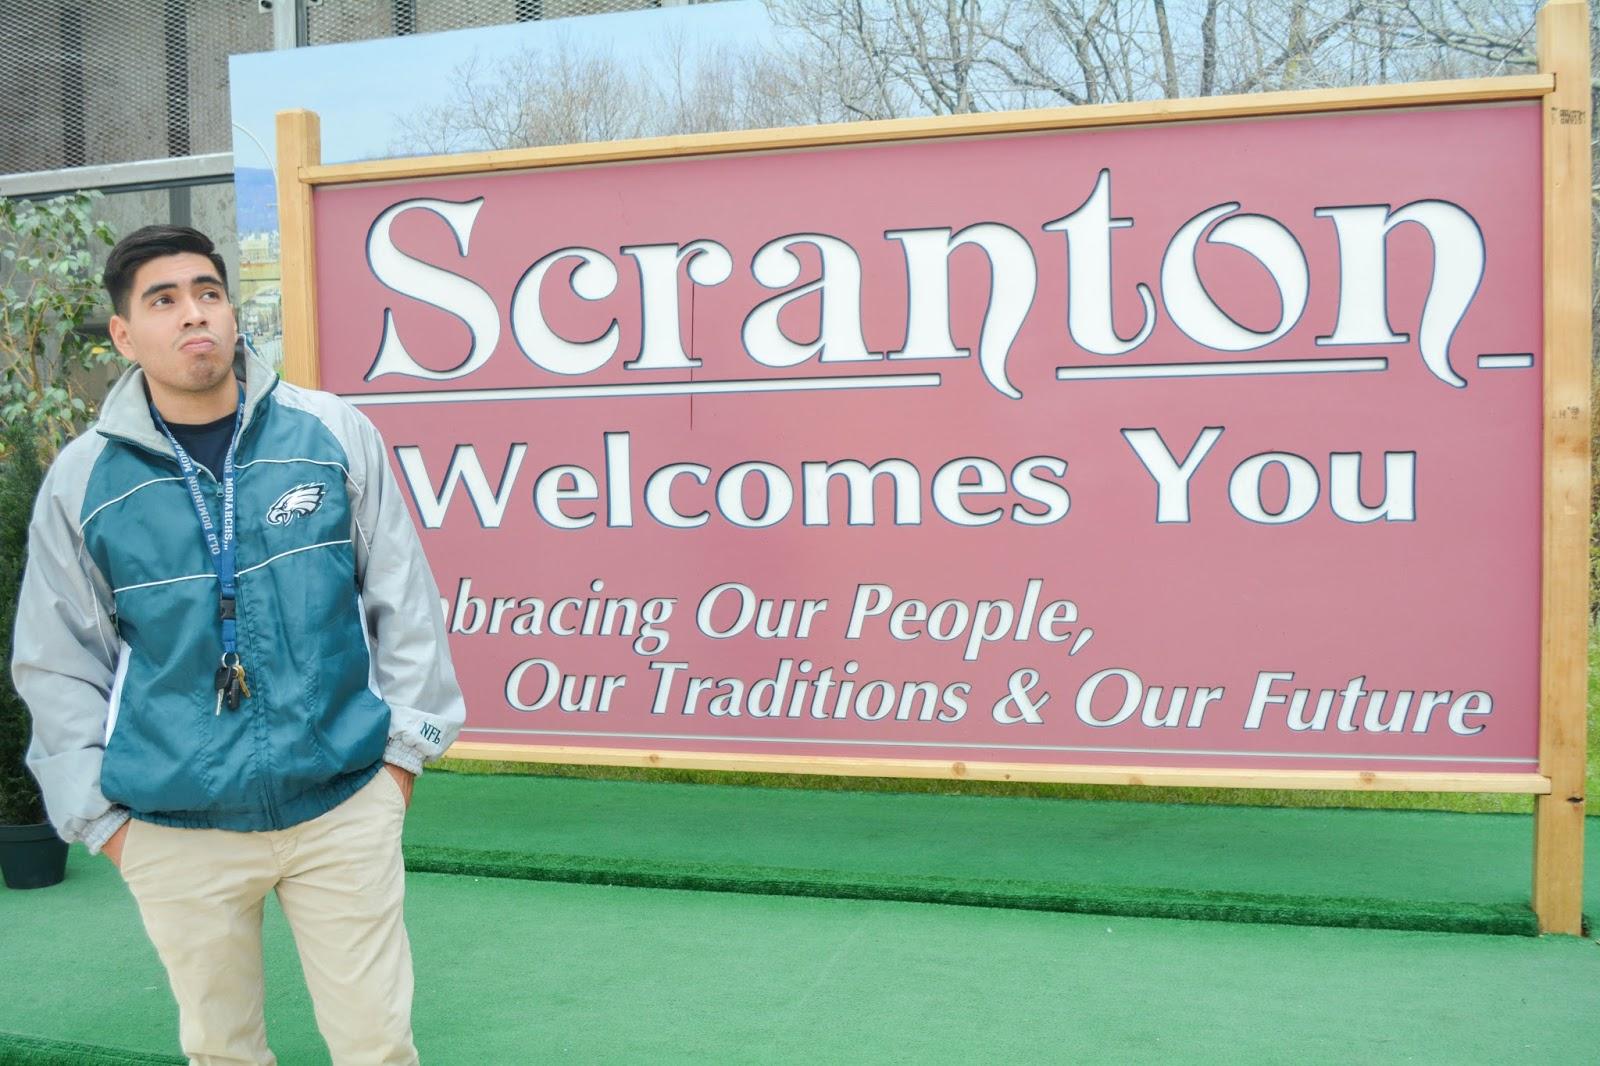 Scranton, PA